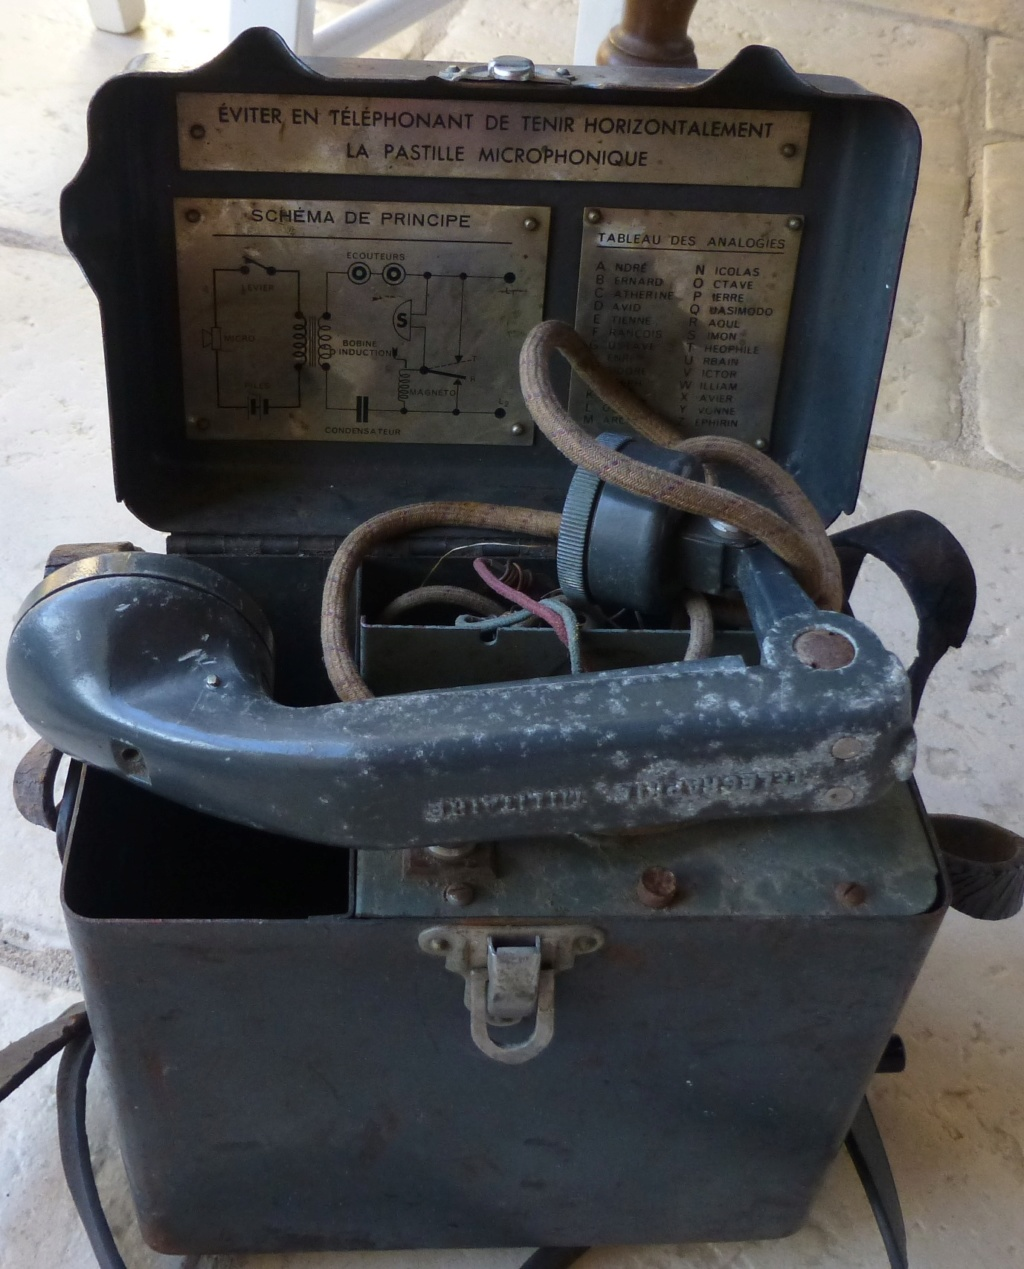 Brocante du matin: Telephone TM 32, porte carte wehrmacht, insigne CTA 808 P1080984